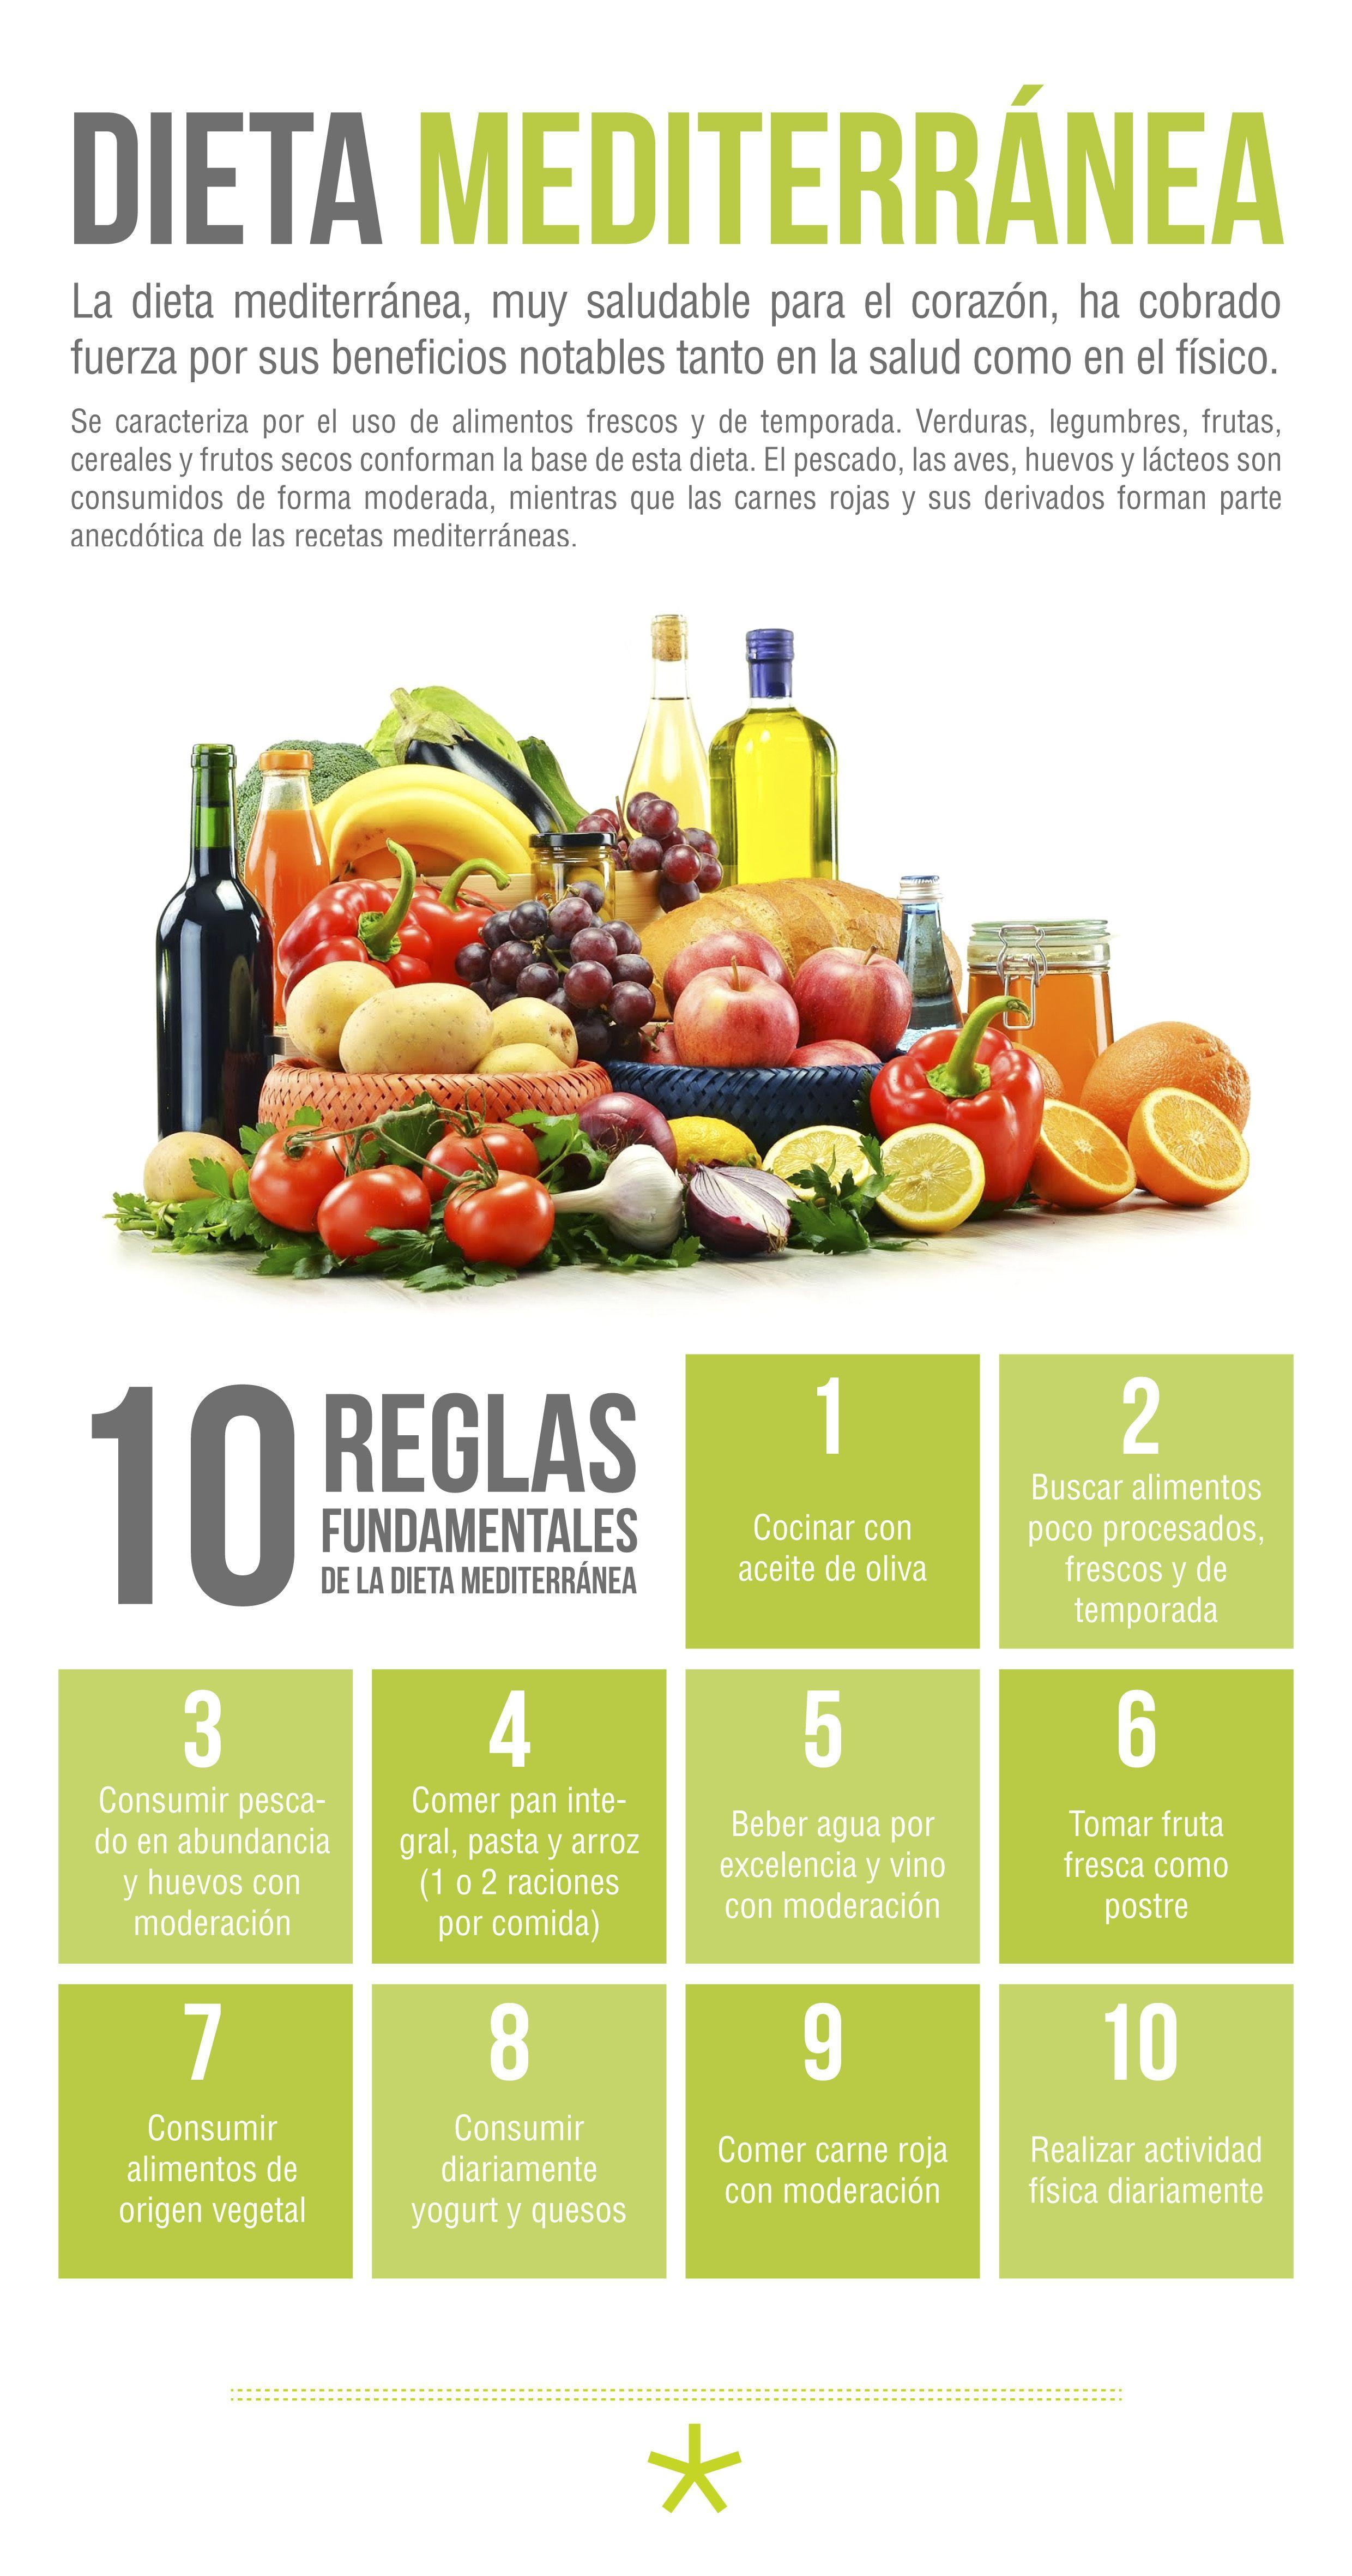 Dieta Mediterranea Nutricion Alimentacion Dieta Mediterranea Recetas Dieta Mediterranea Dieta Saludable